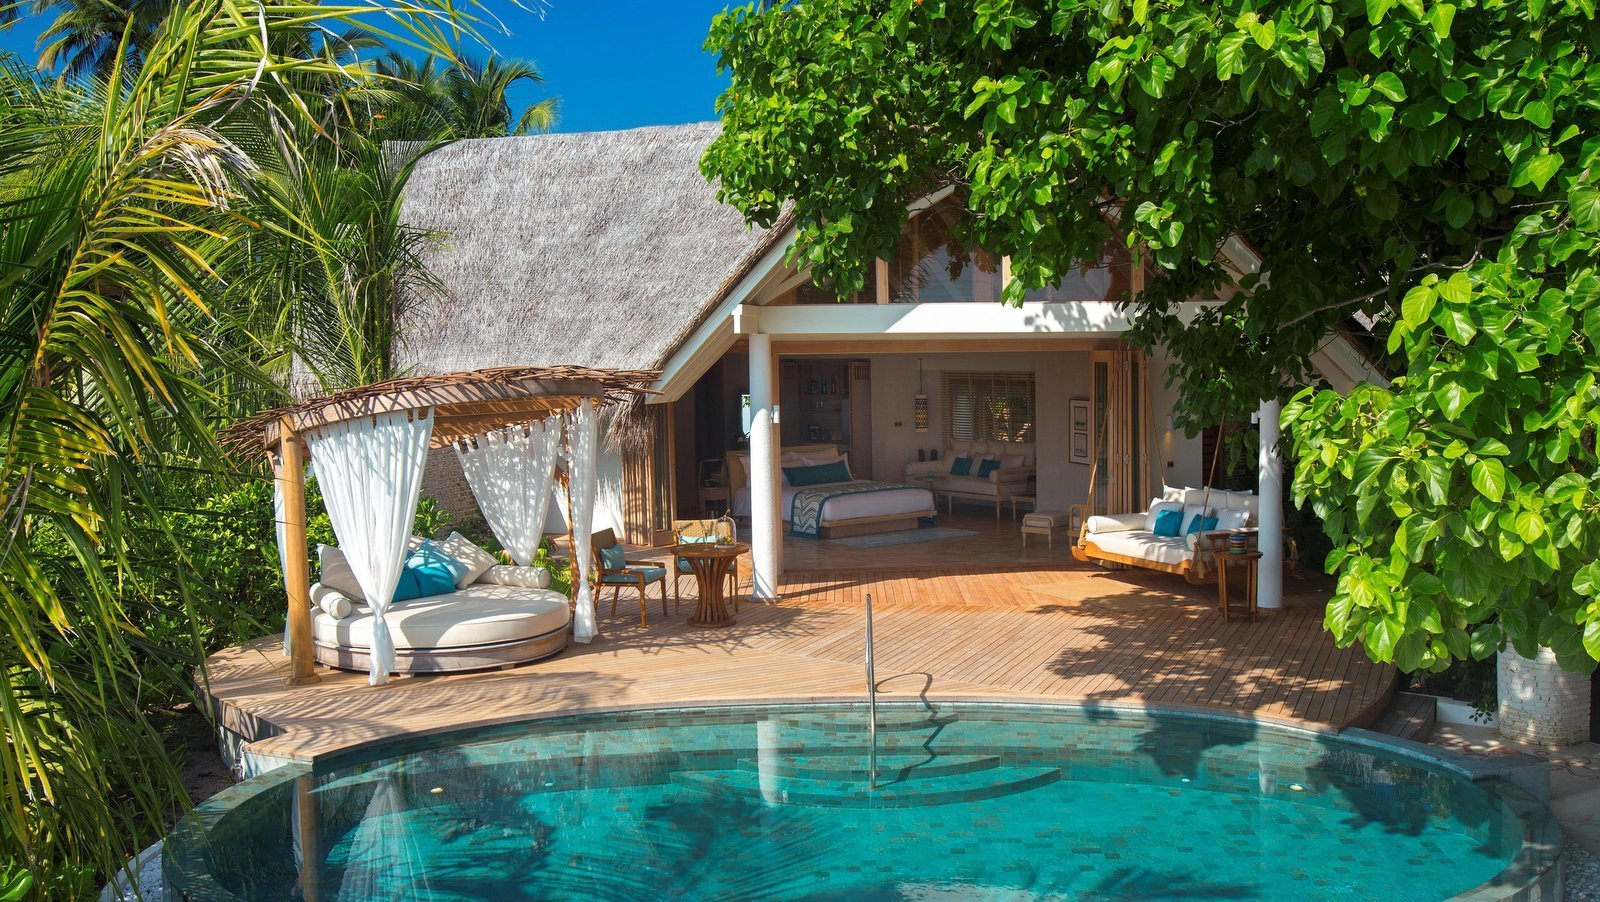 Мальдивы, отель Milaidhoo Island Maldives, номер Beach Pool Villa